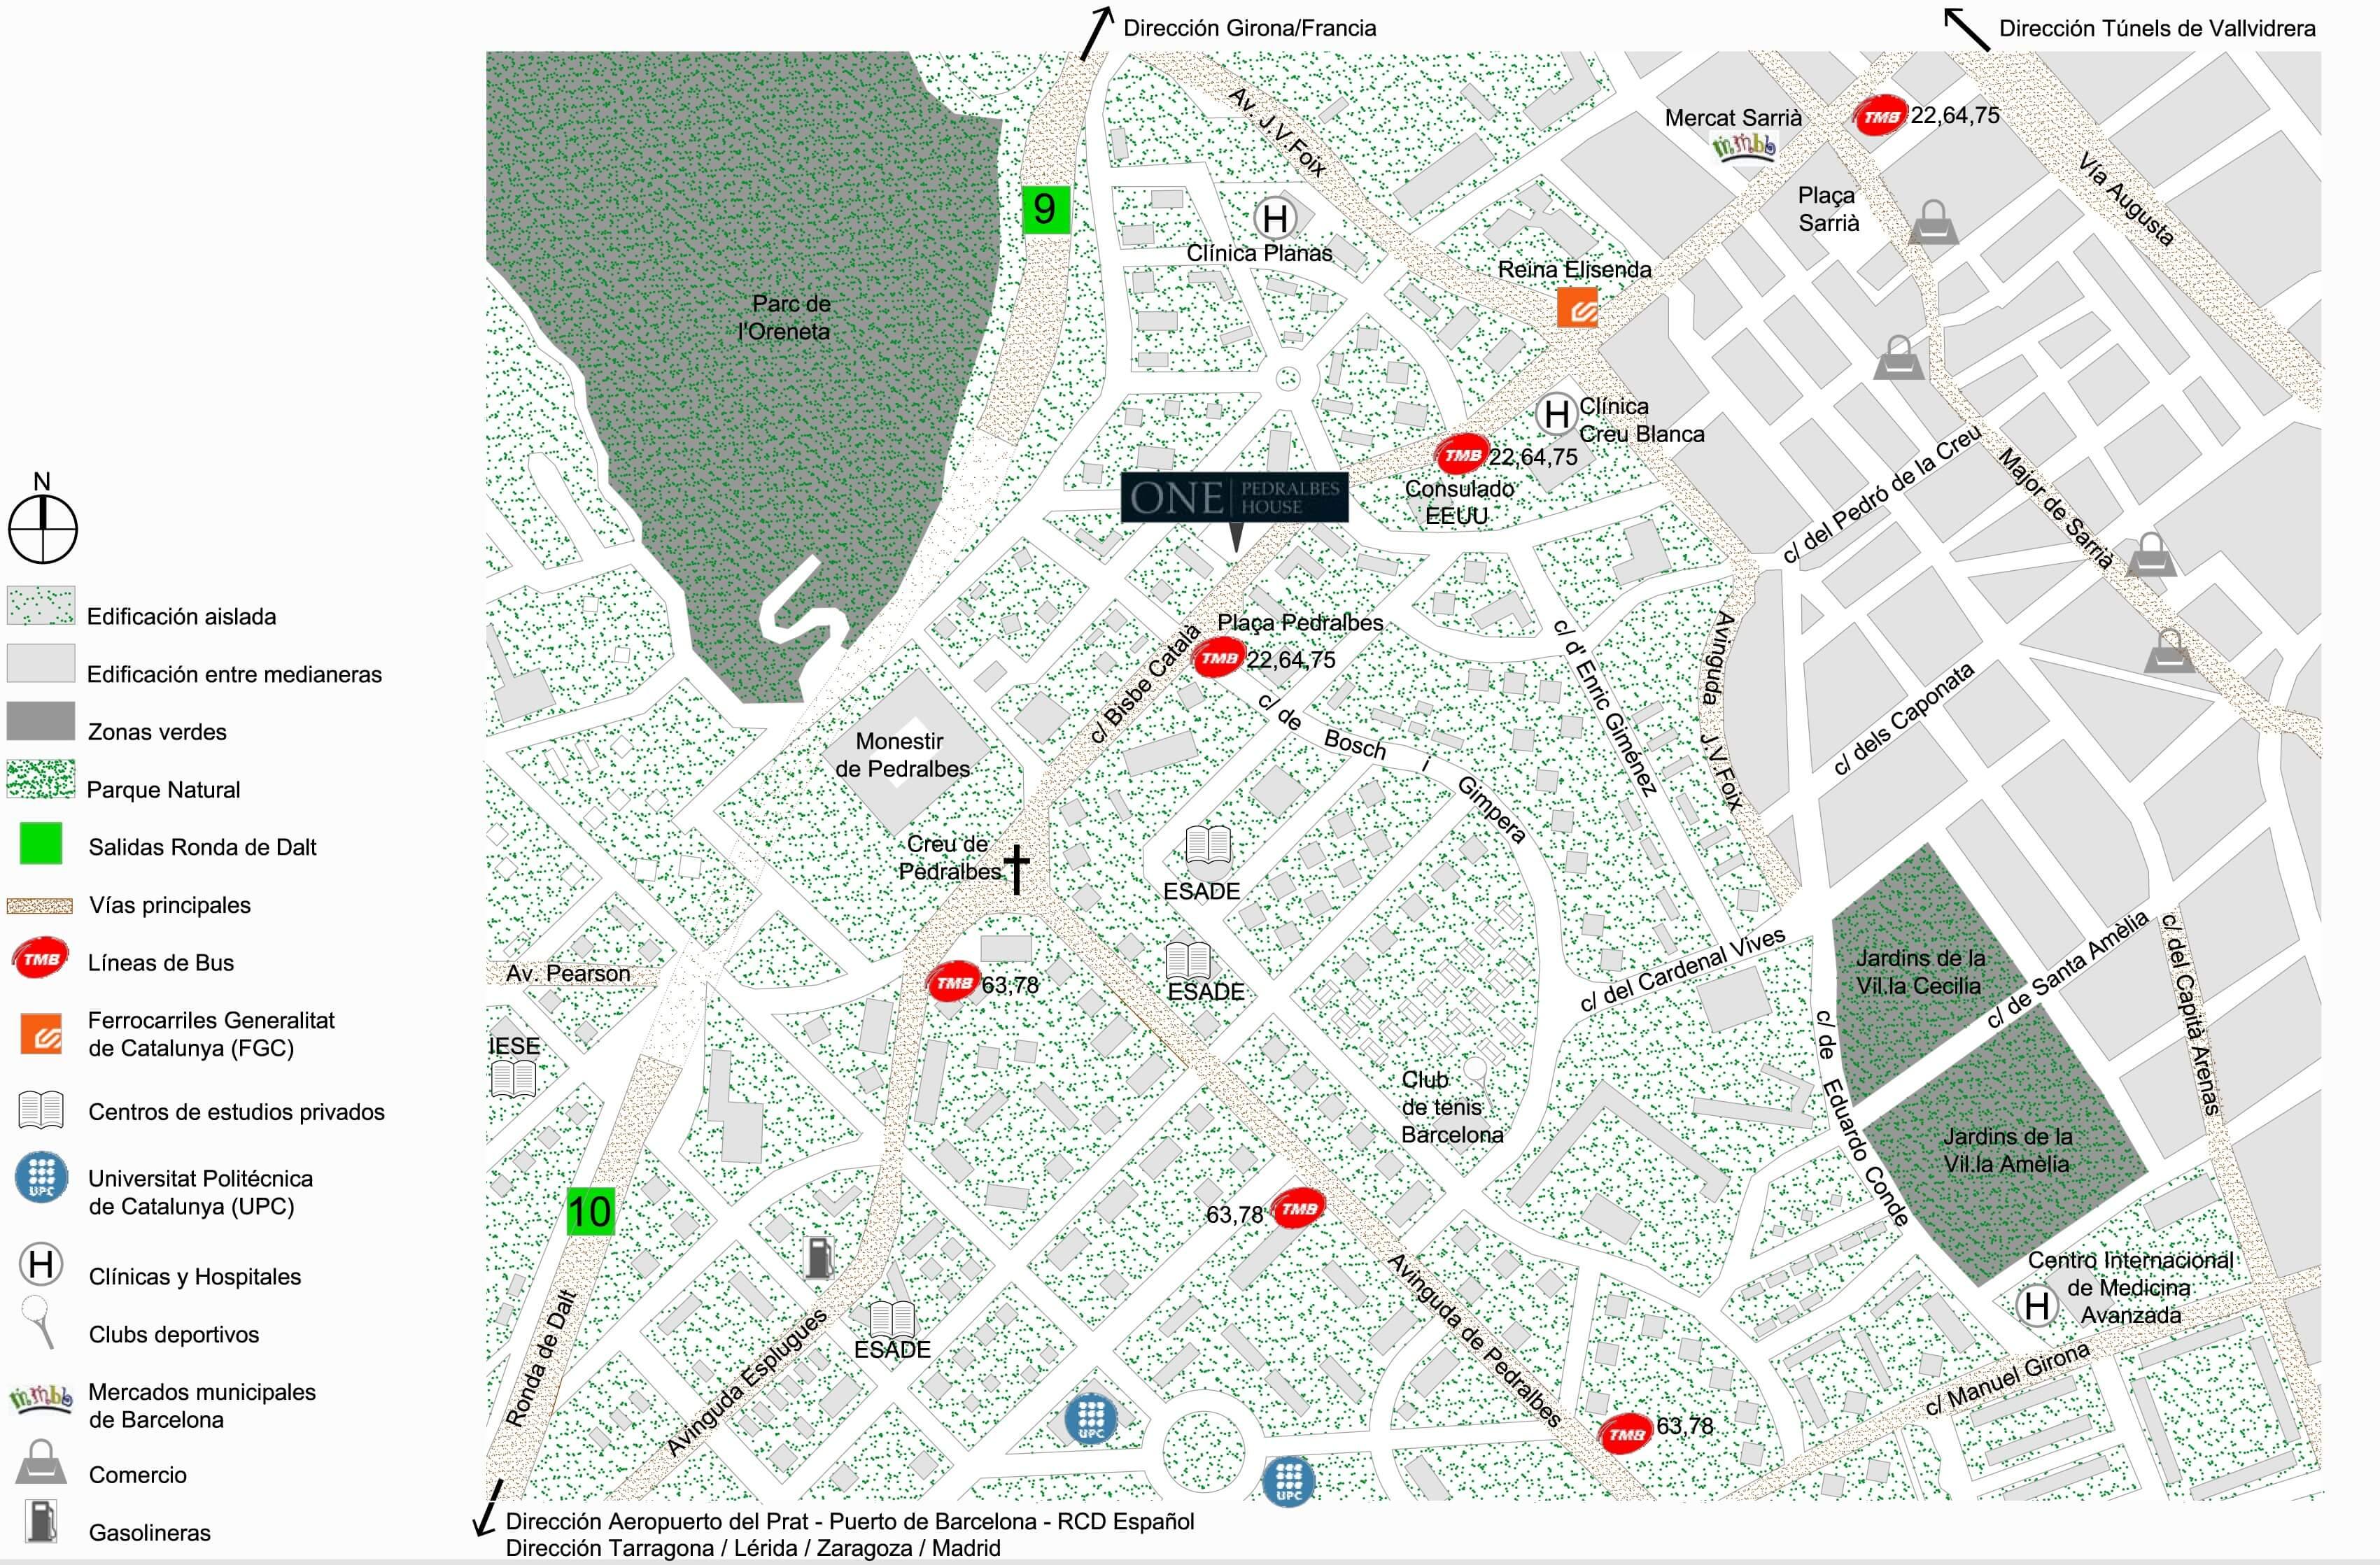 Карта Педральбеса. Квартиры в Барселоне в лучшем районе.